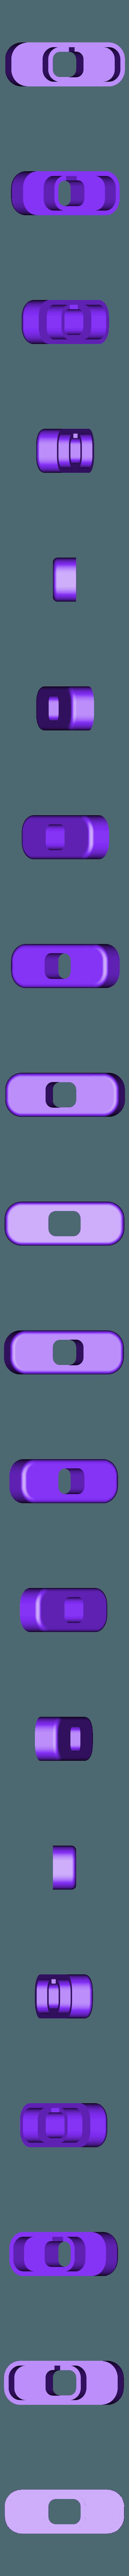 Base.stl Télécharger fichier STL gratuit Cheval, Prototype • Design pour imprimante 3D, gzumwalt